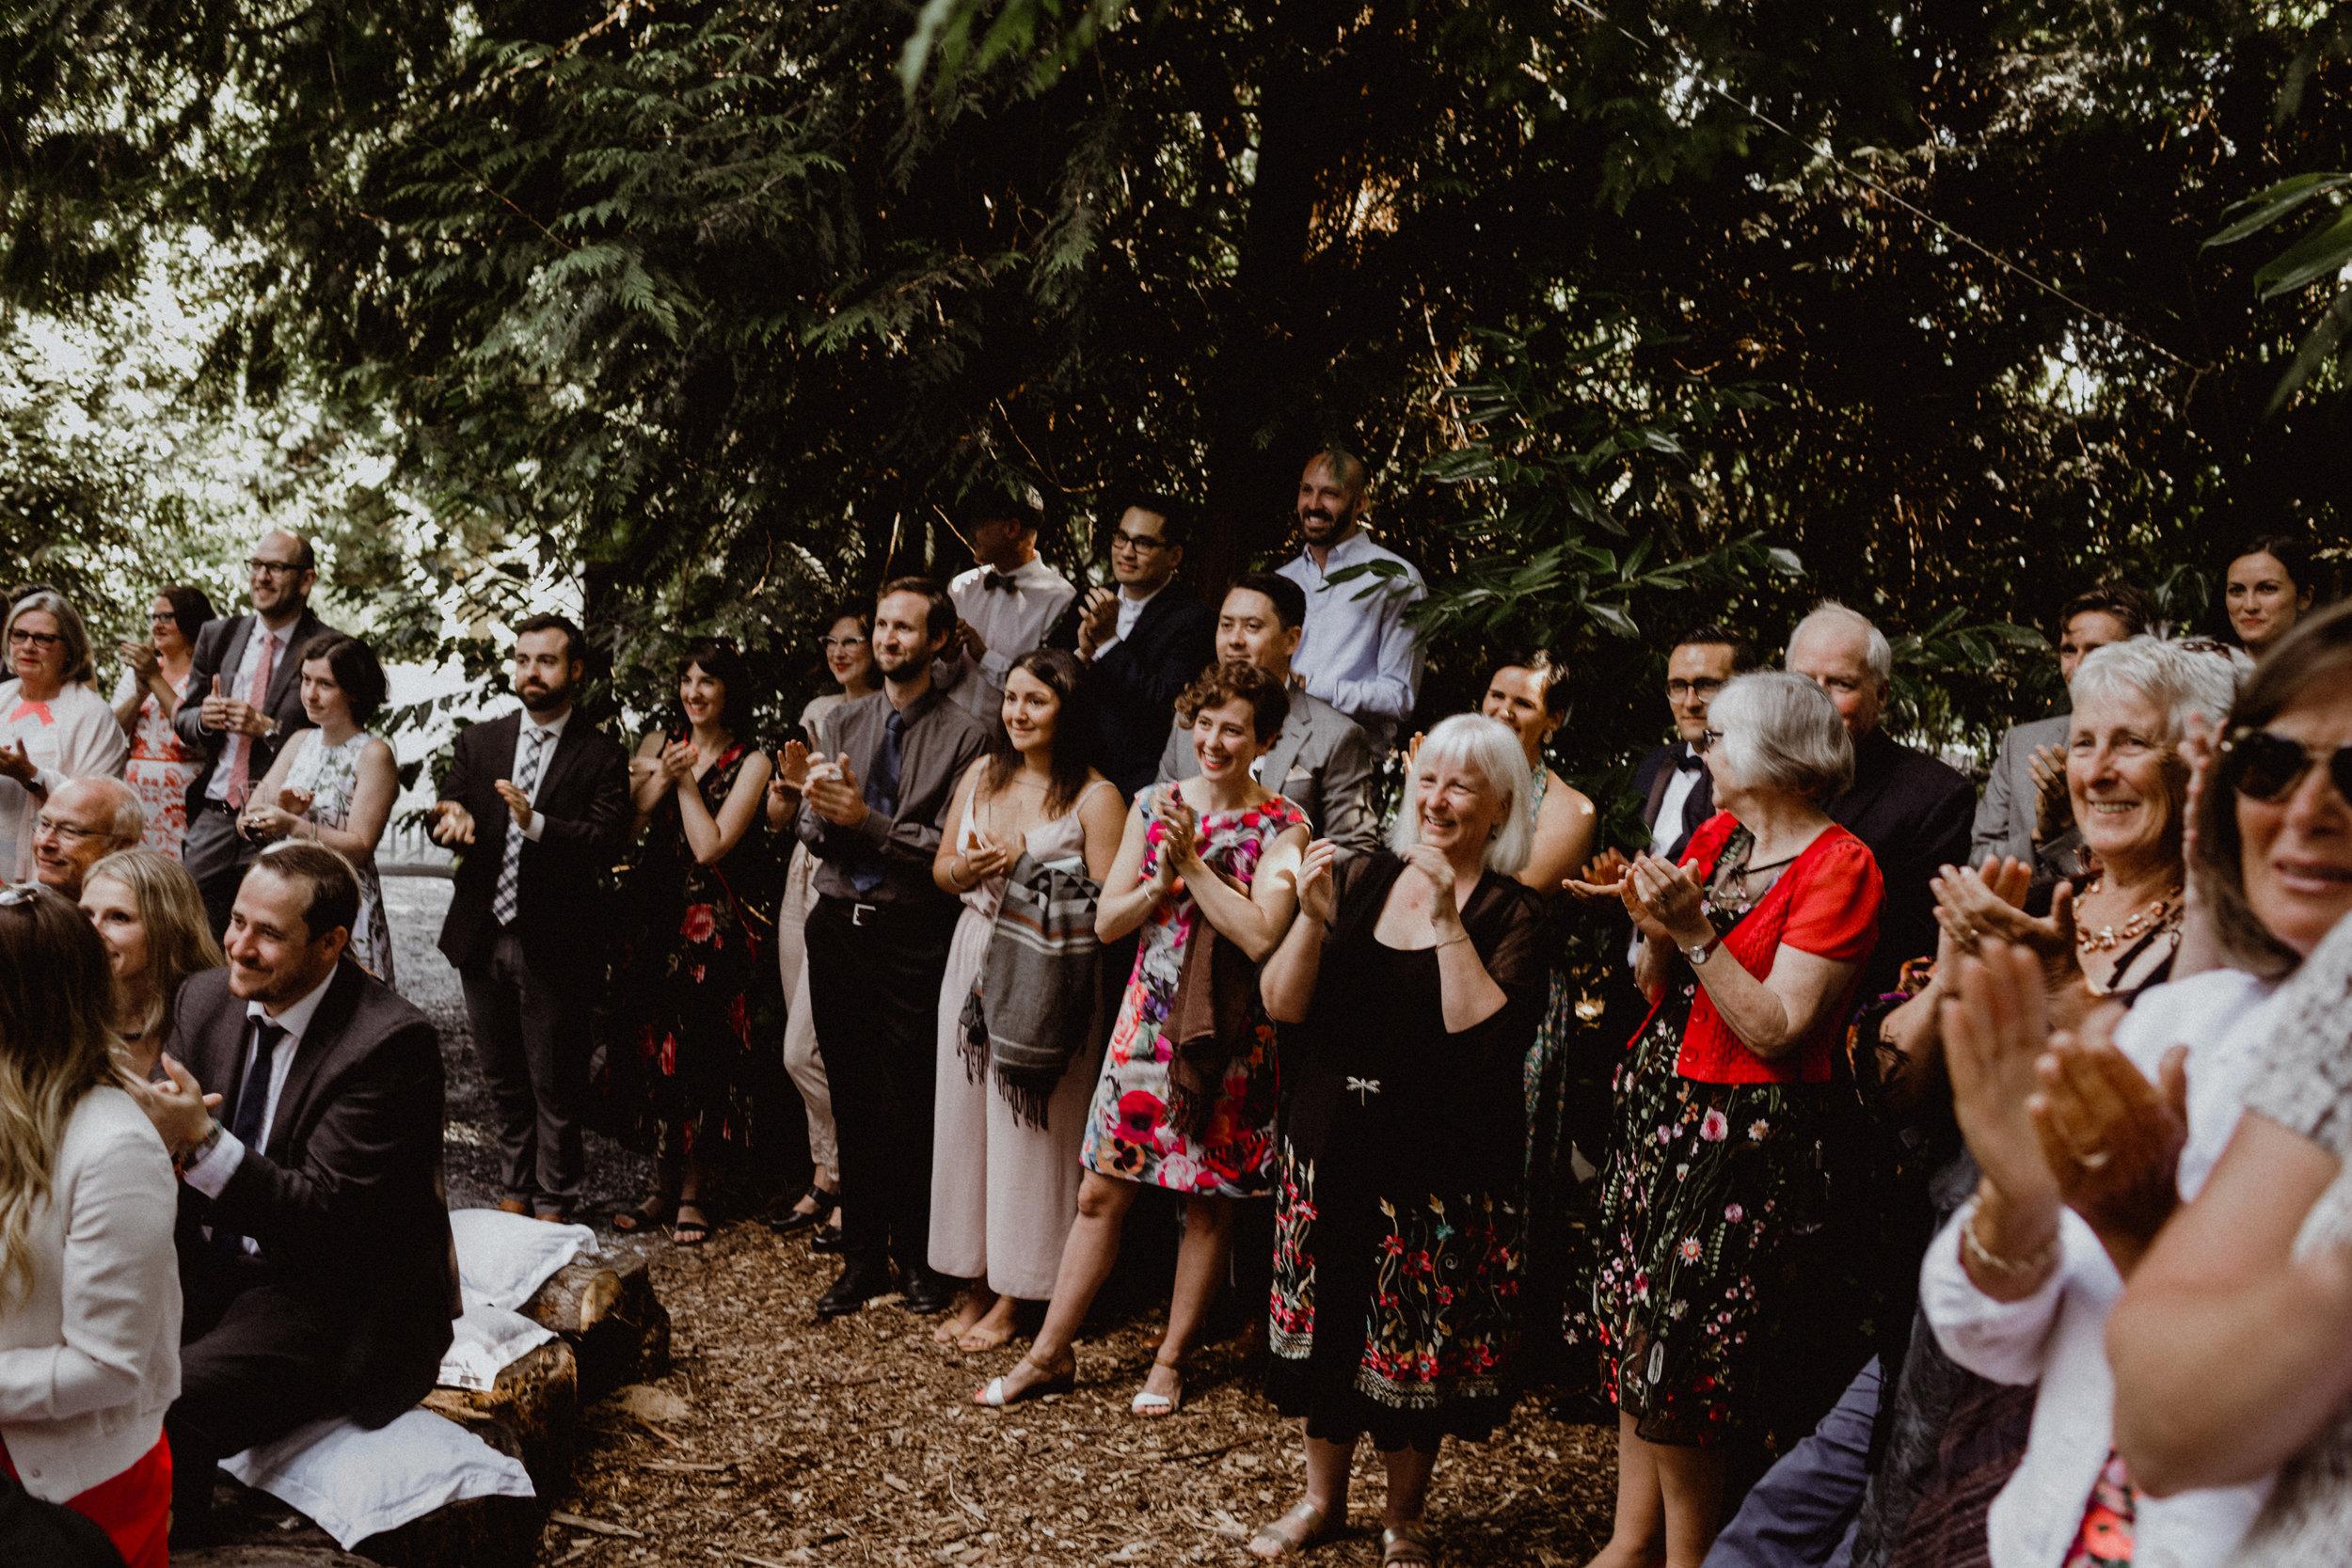 west-vancouver-backyard-wedding-128.jpg